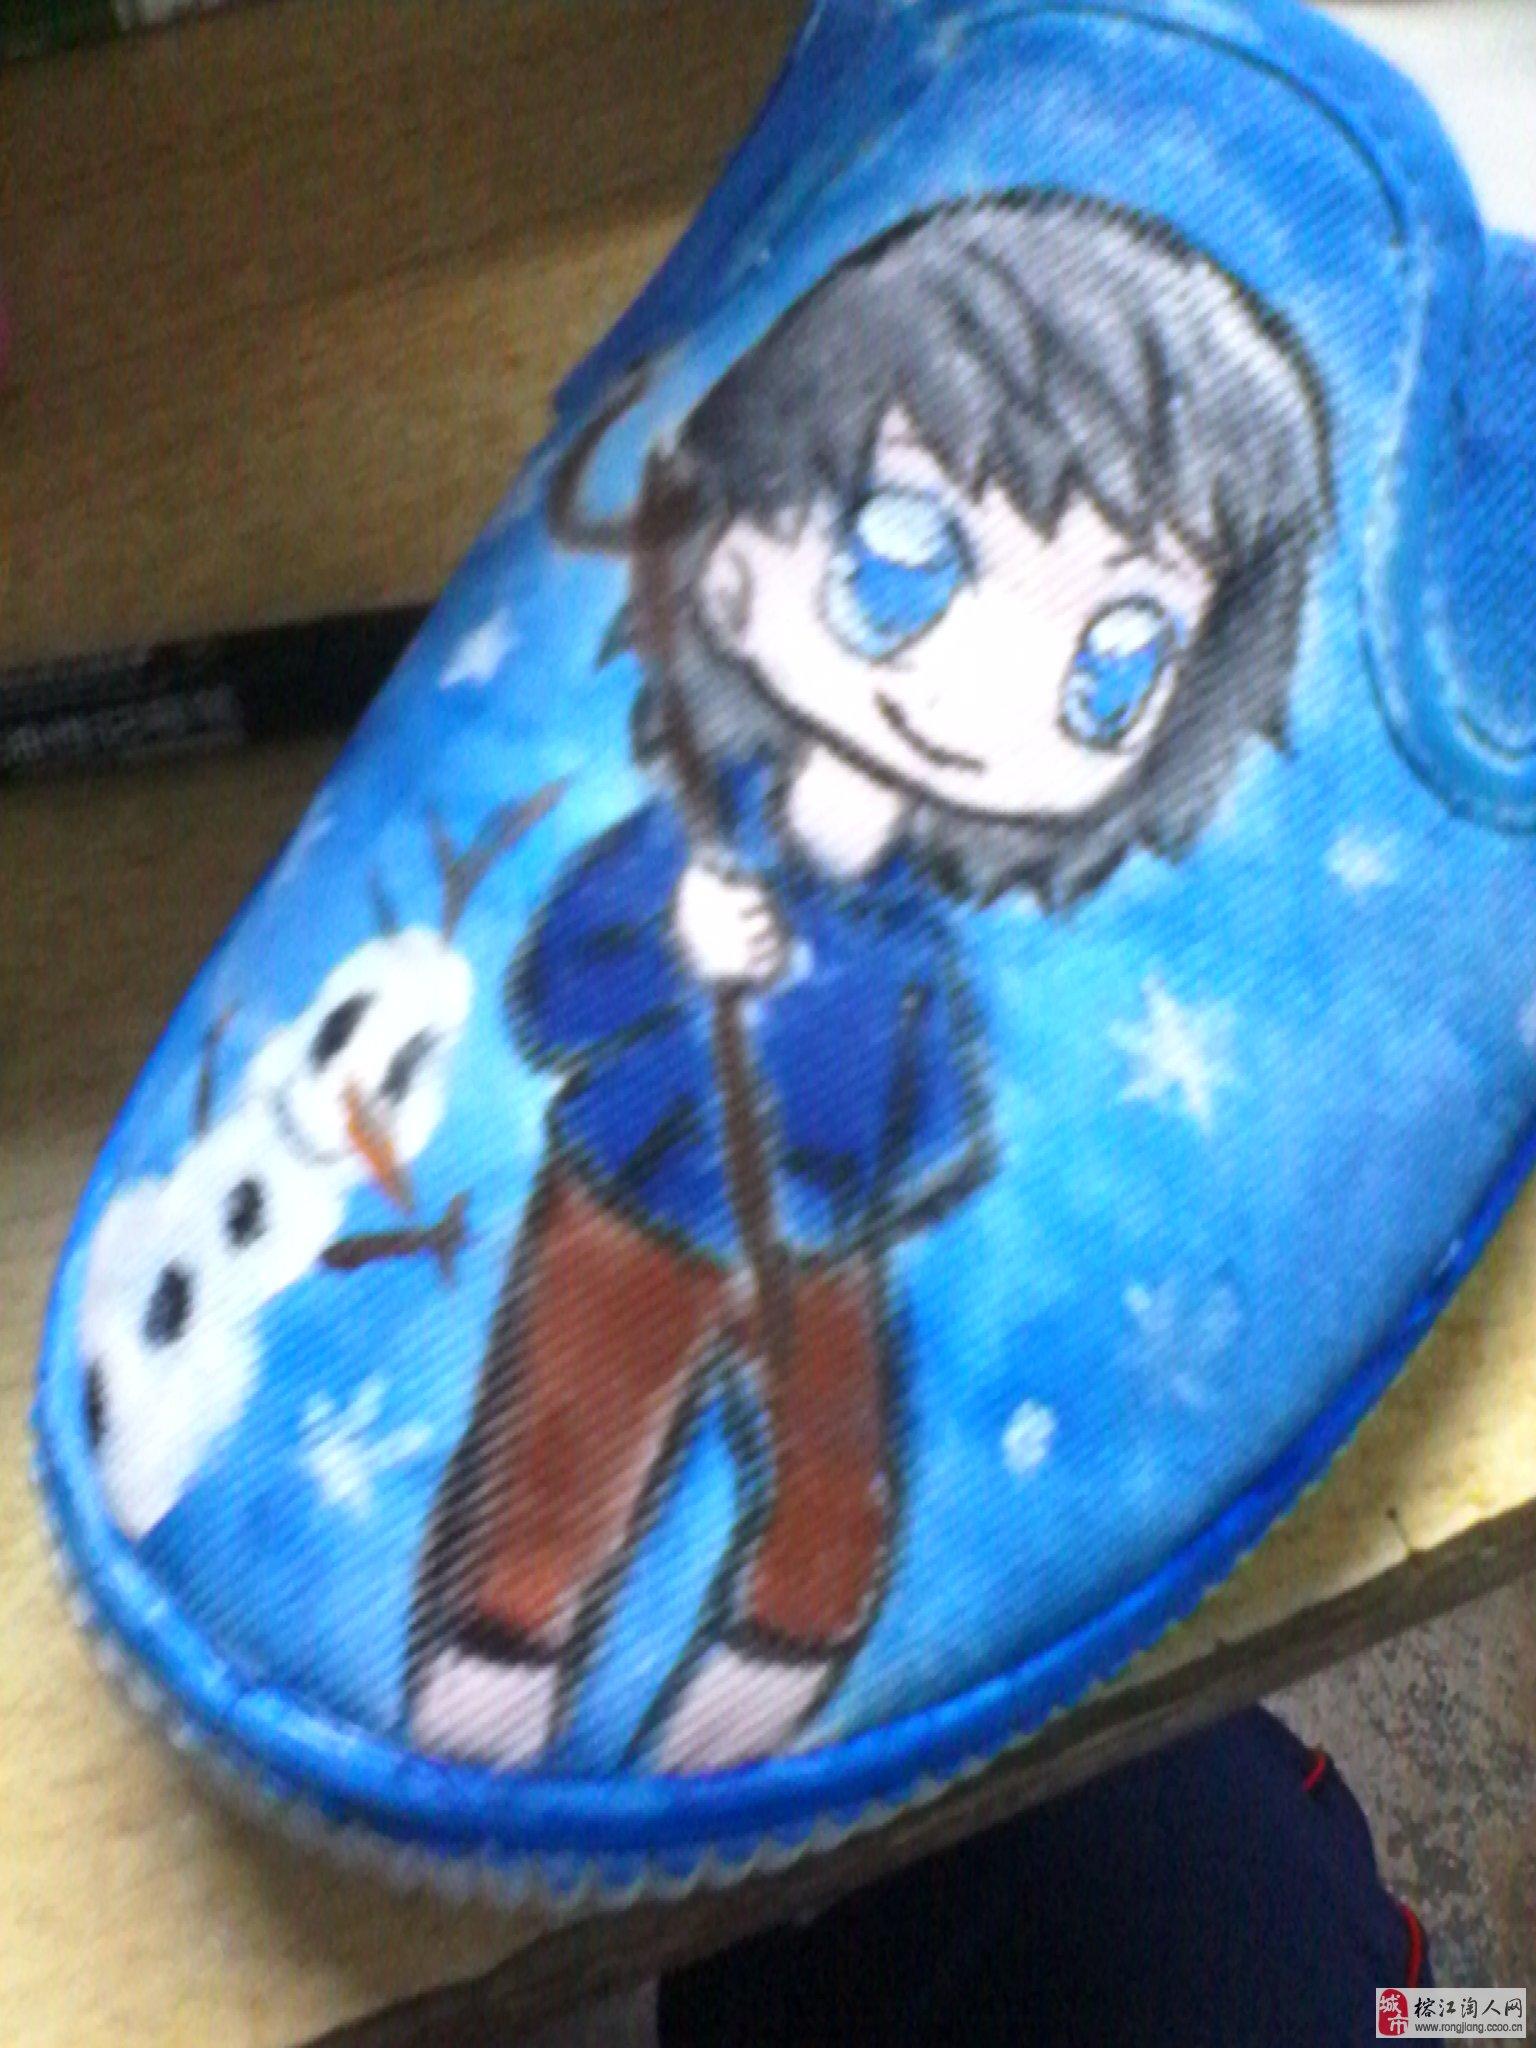 自己手绘的帆布鞋^-^《冰雪奇缘》的艾莎和《守护者